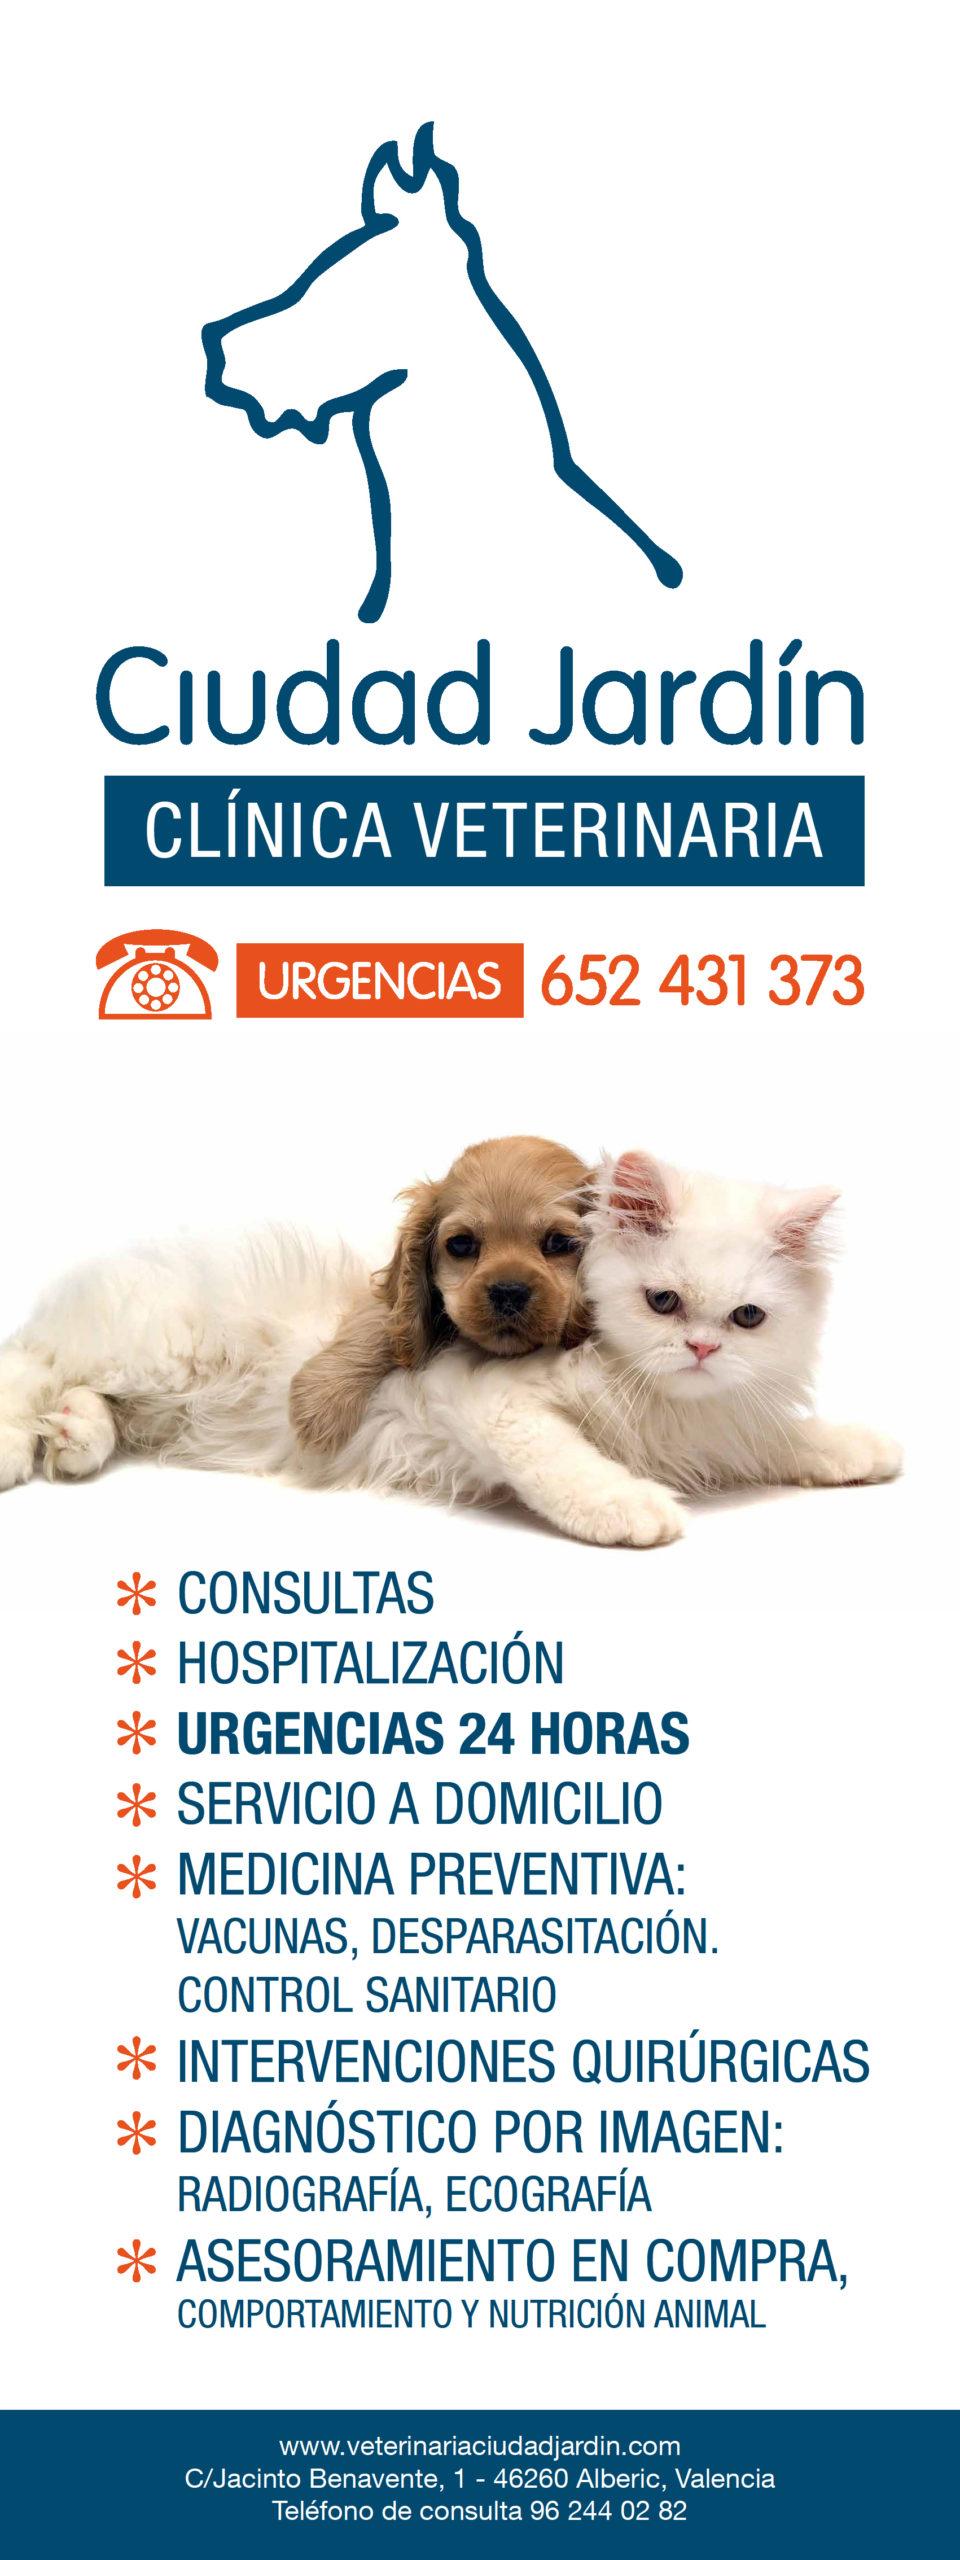 Clínica Veterinaria Ciudad Jardín